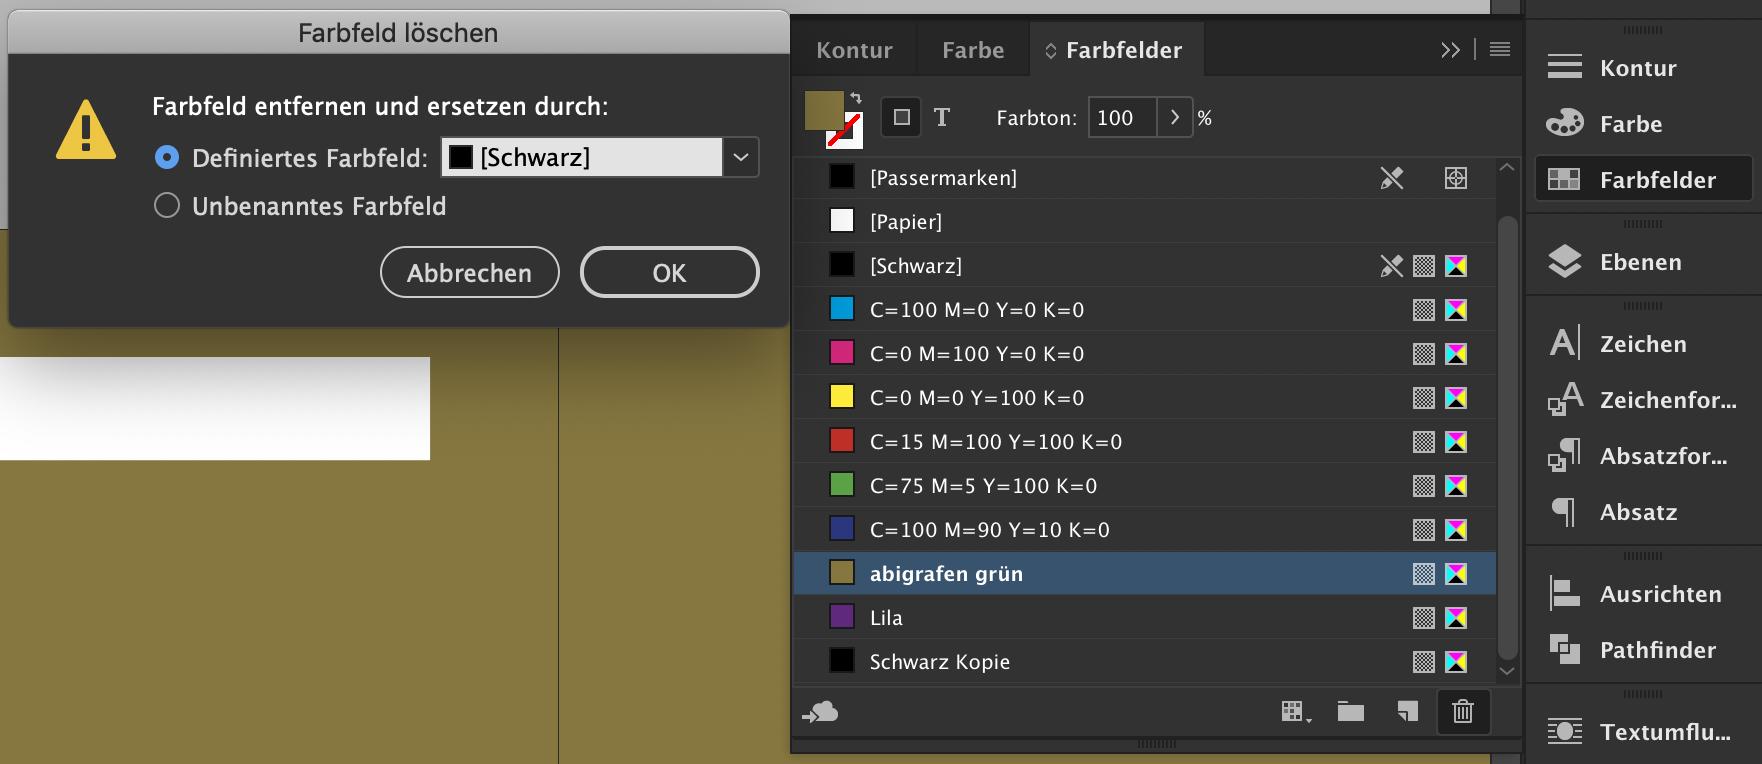 Abizeitung Schritt für Schritt Anleitung: Farben in InDesign® bearbeiten